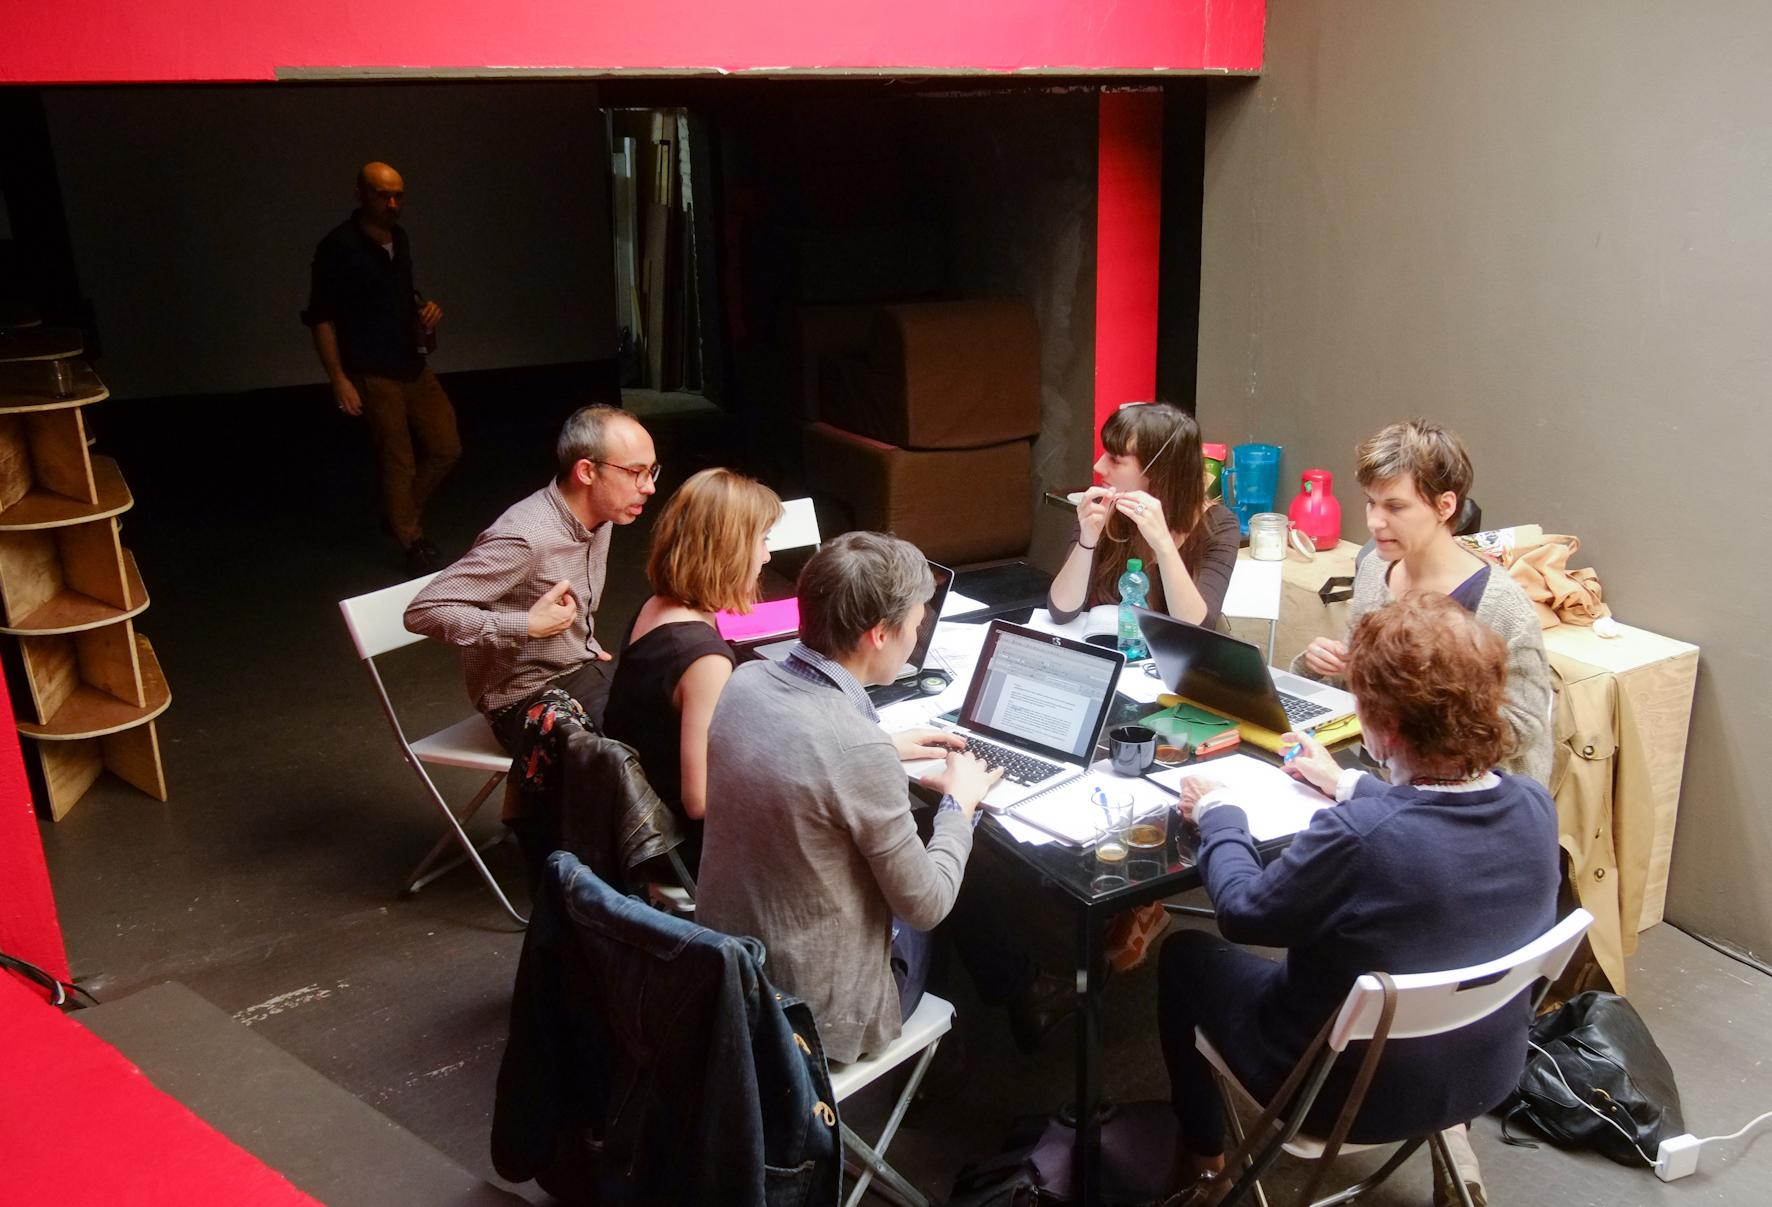 S19 - Atelier d'écriture avec PEROU et le Master de création littéraire de Paris 8